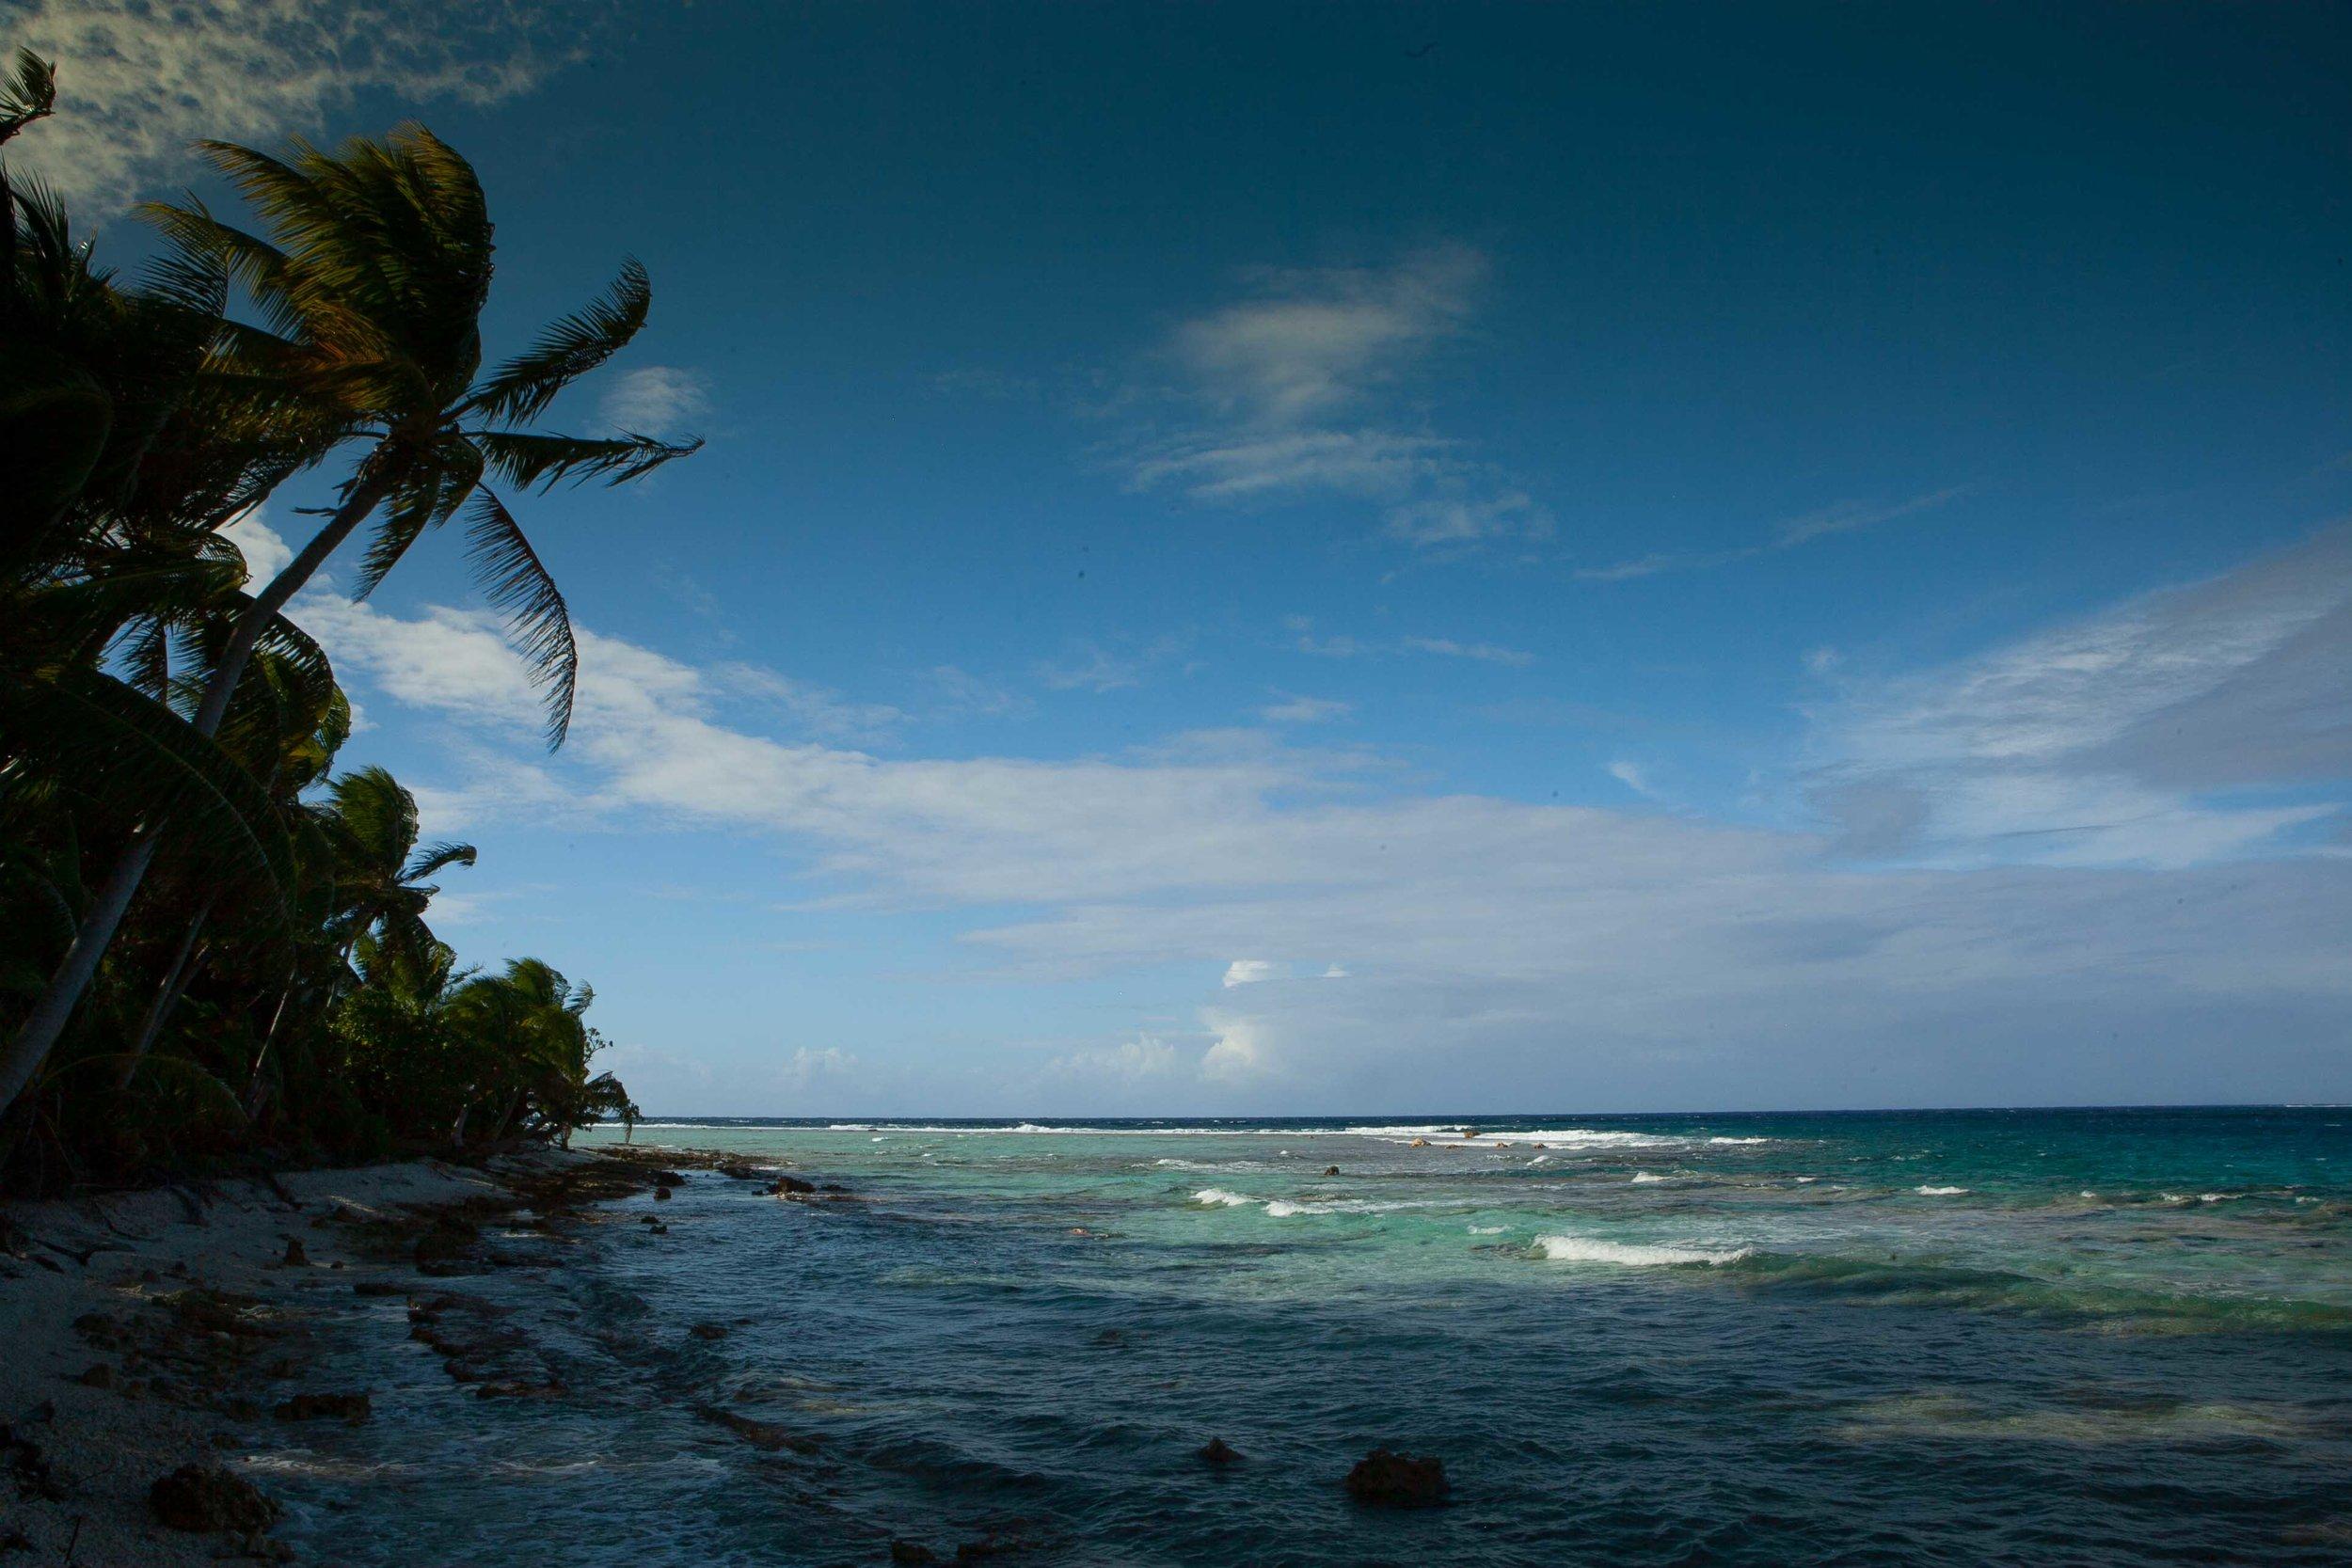 Looking northwest, Suwarrow, Cook Islands.